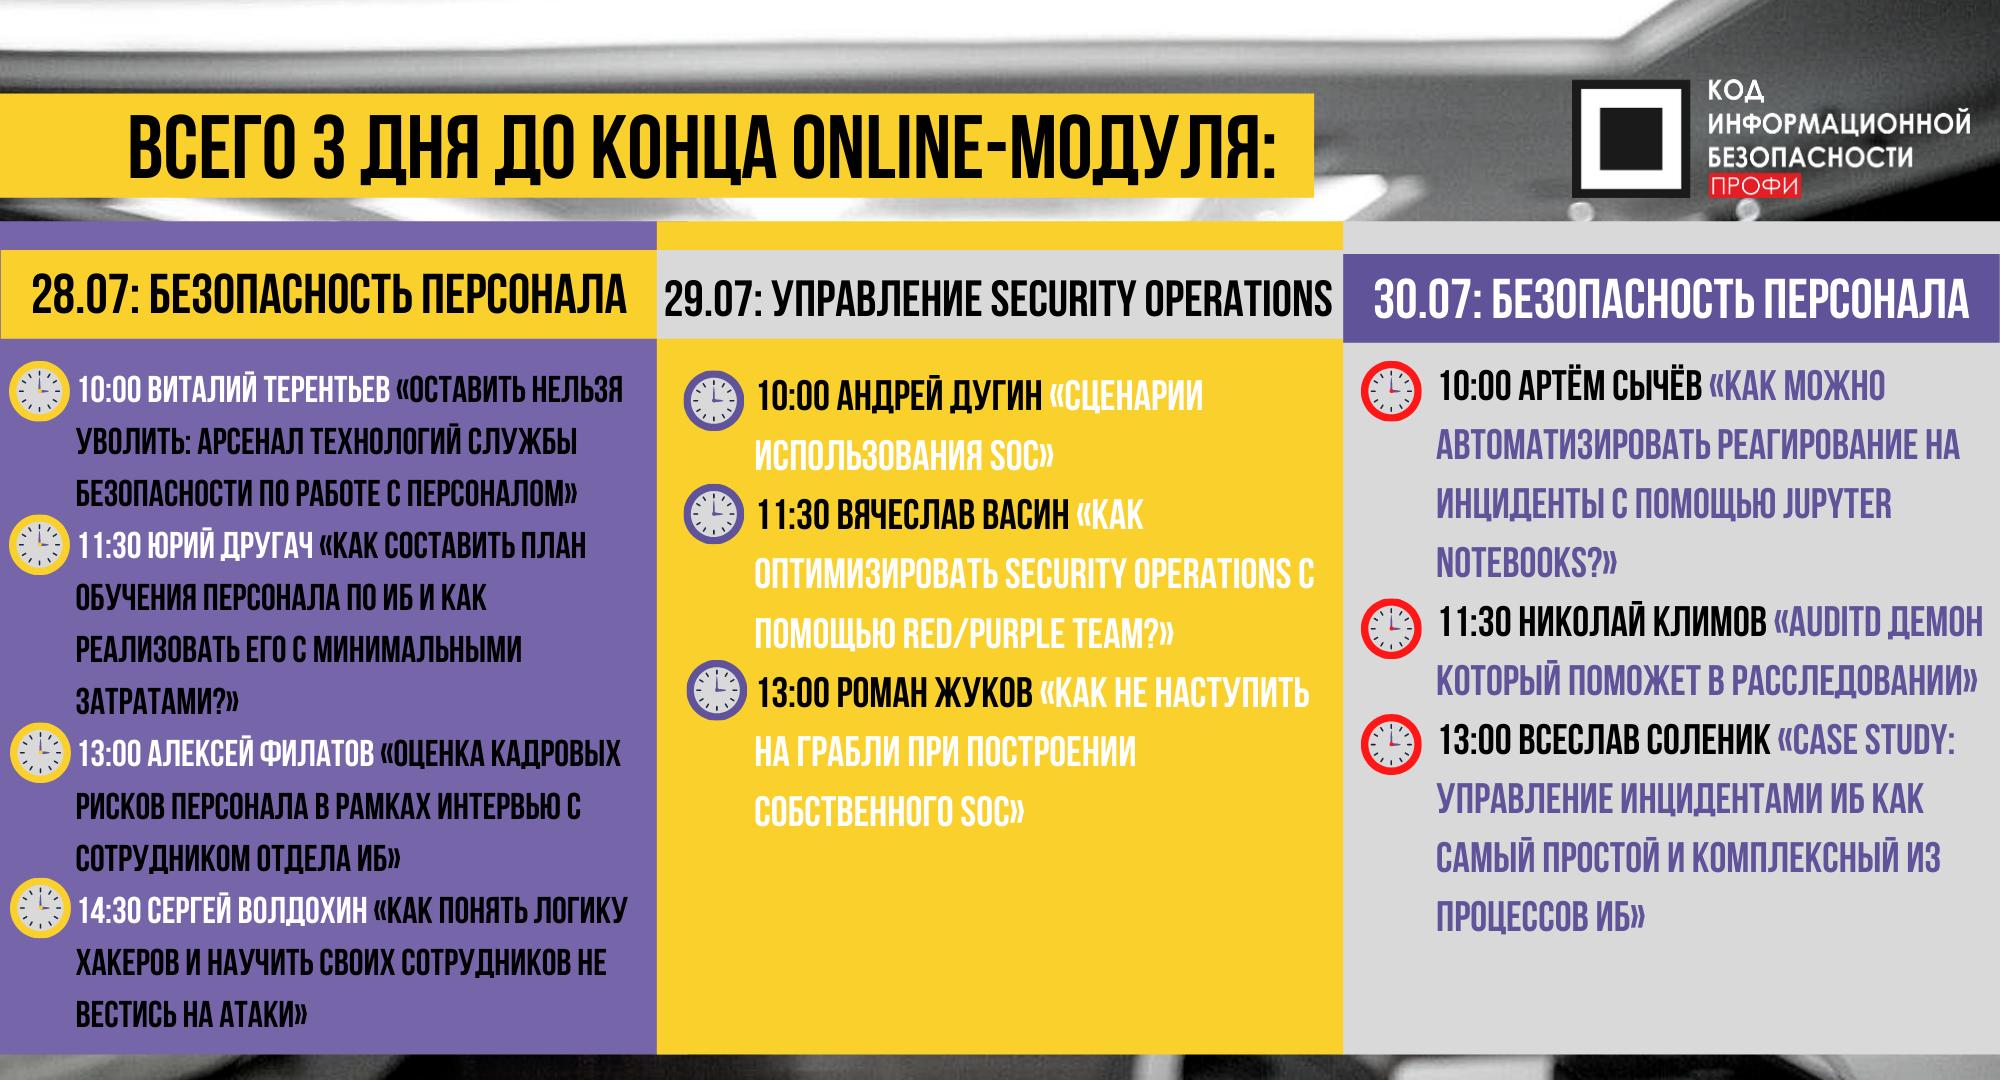 Половина онлайн-модуля для CISO КОД ИБ ПРОФИ ещё доступна в живом формате